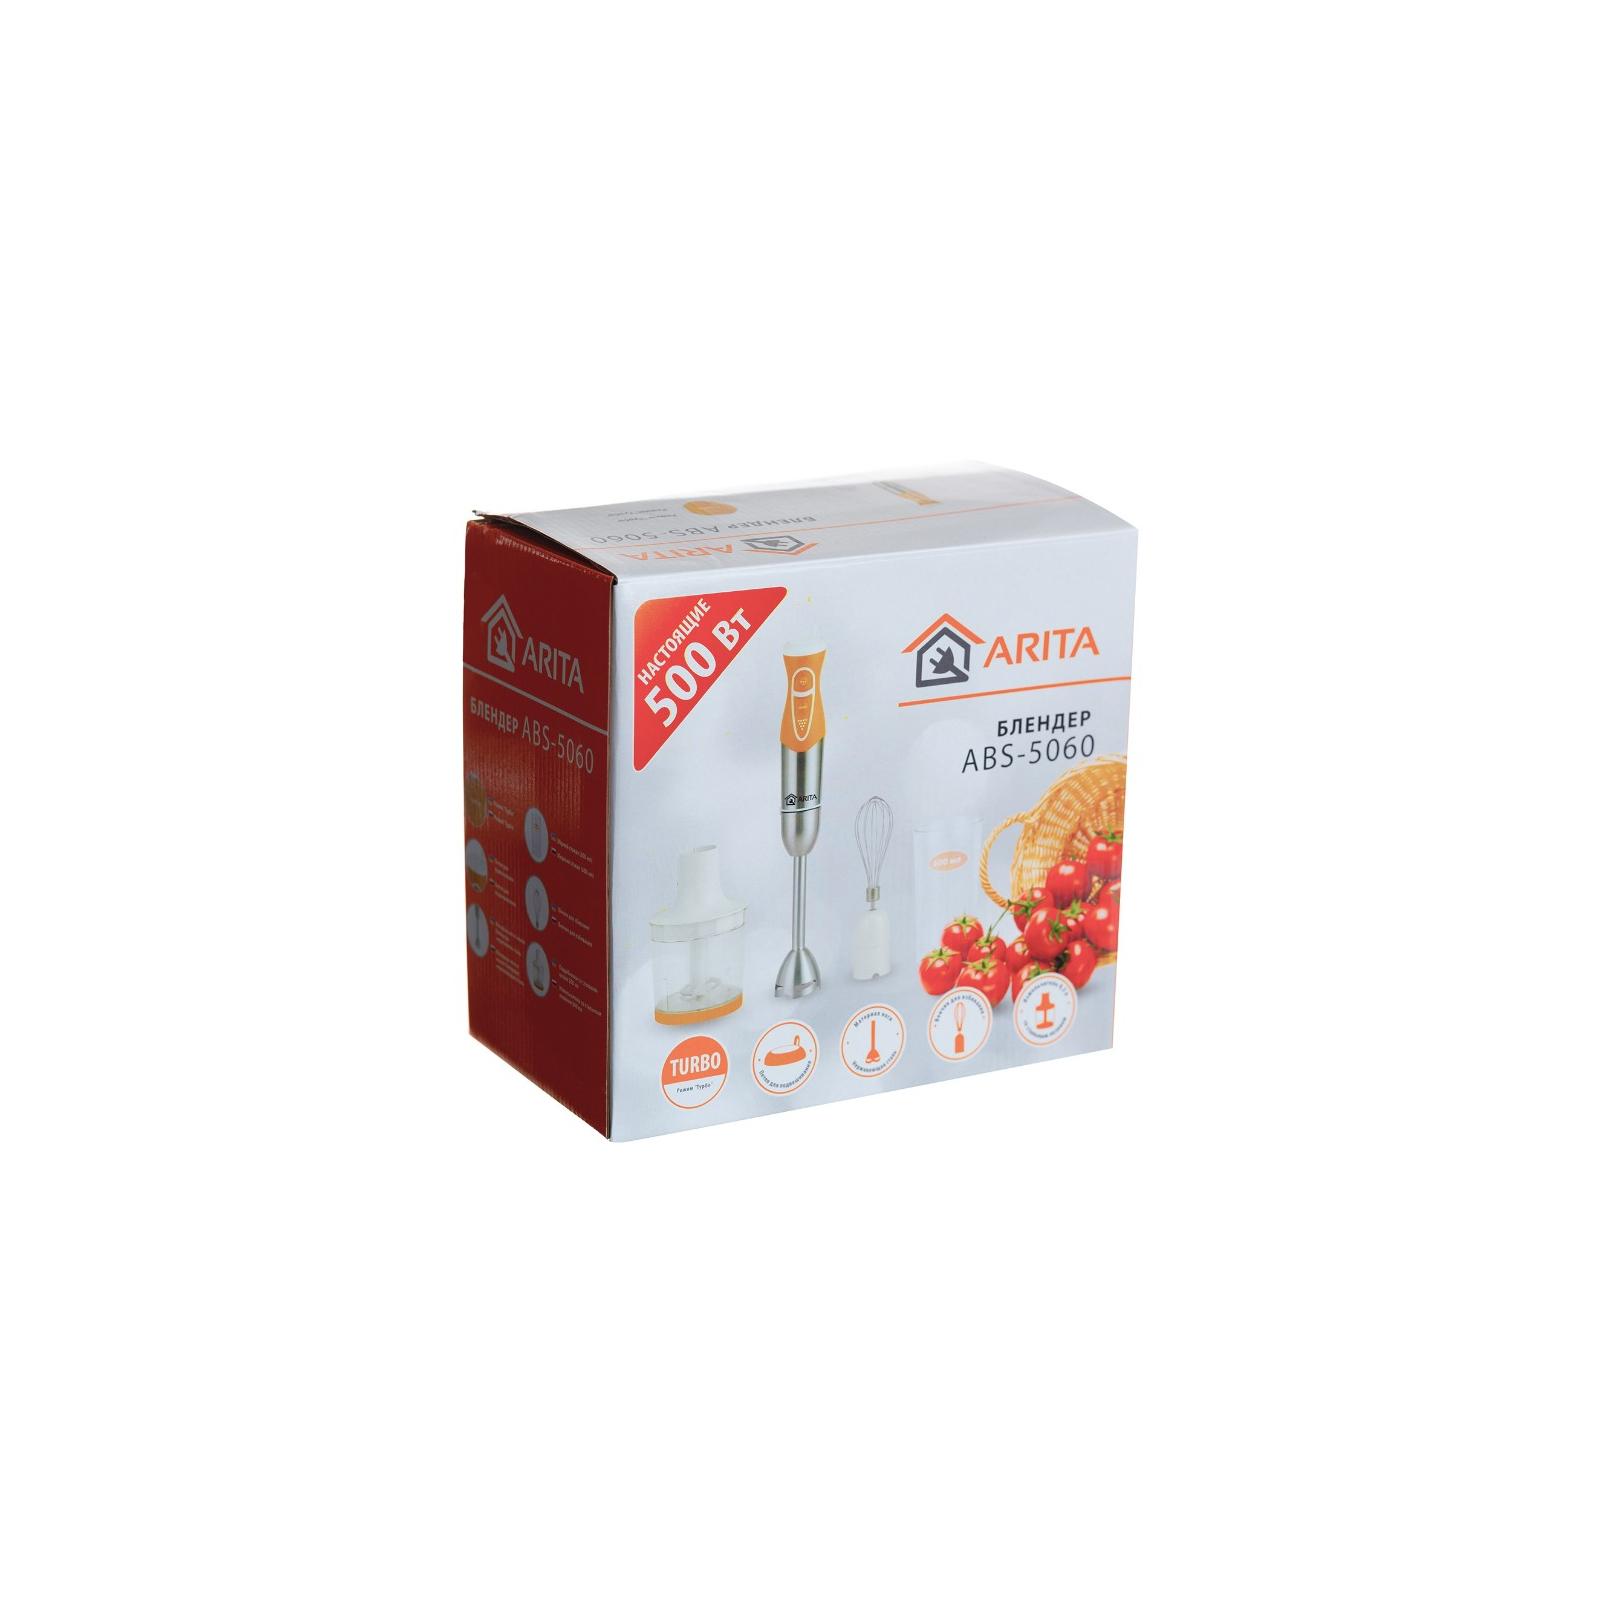 Блендер Arita ABS-5060 изображение 11